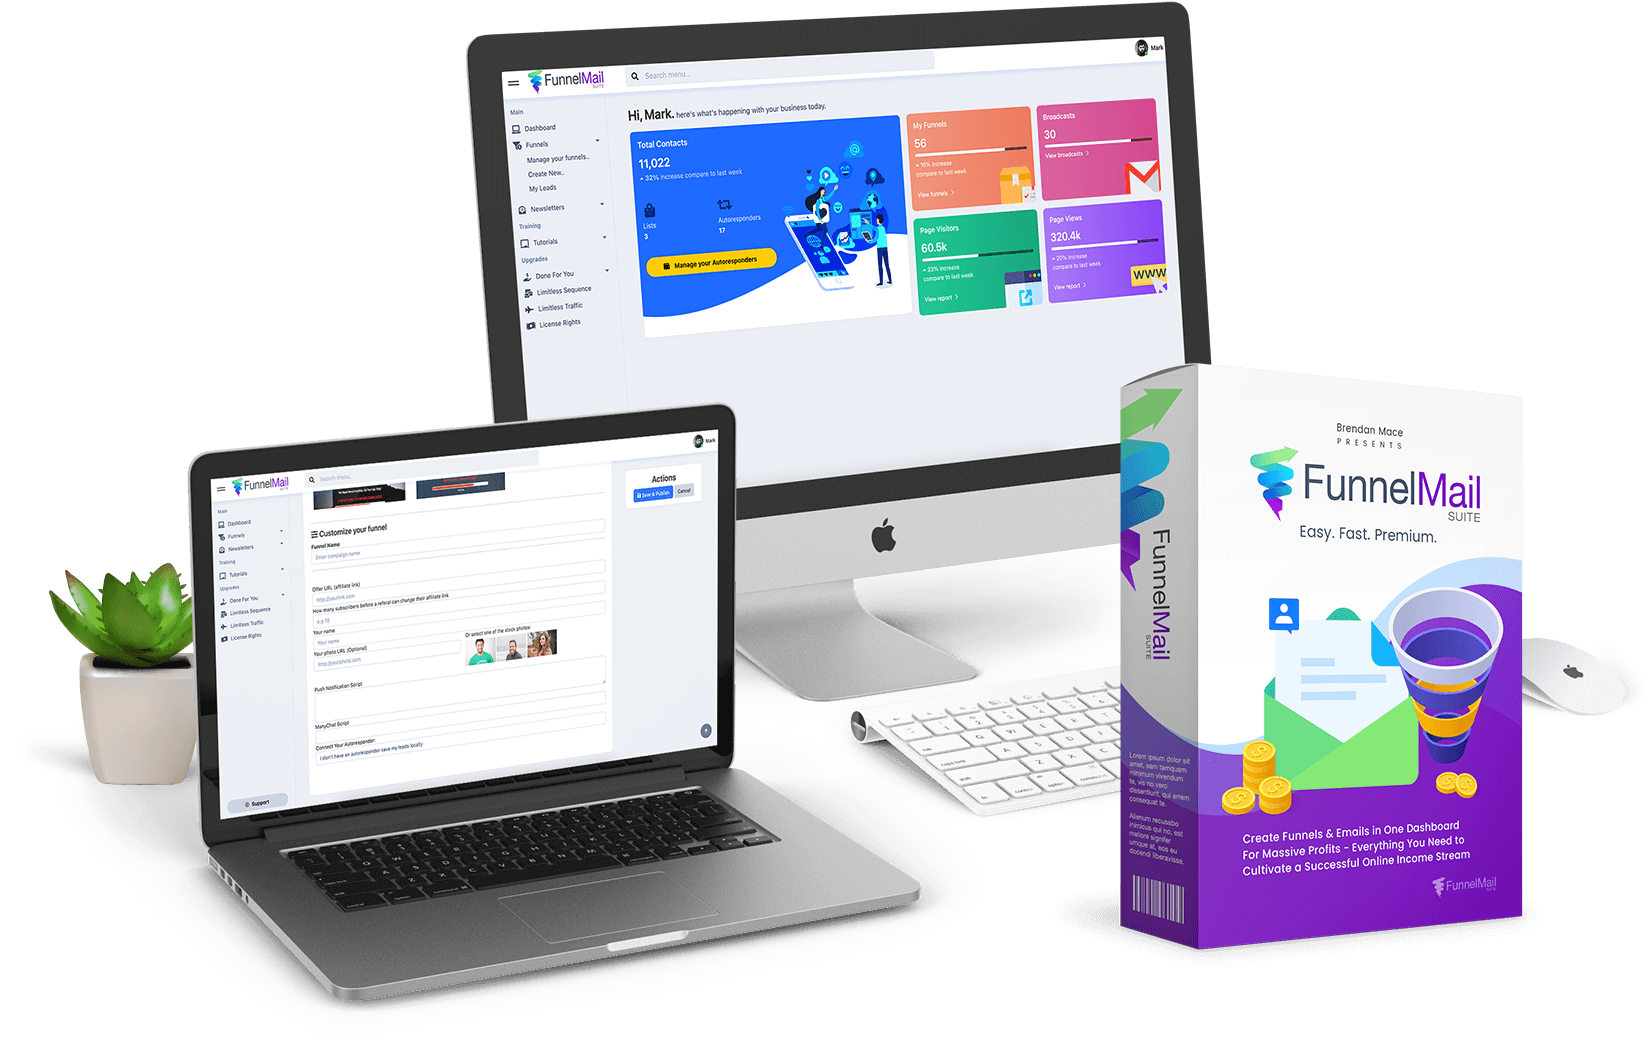 FunnelMail-Suite-review